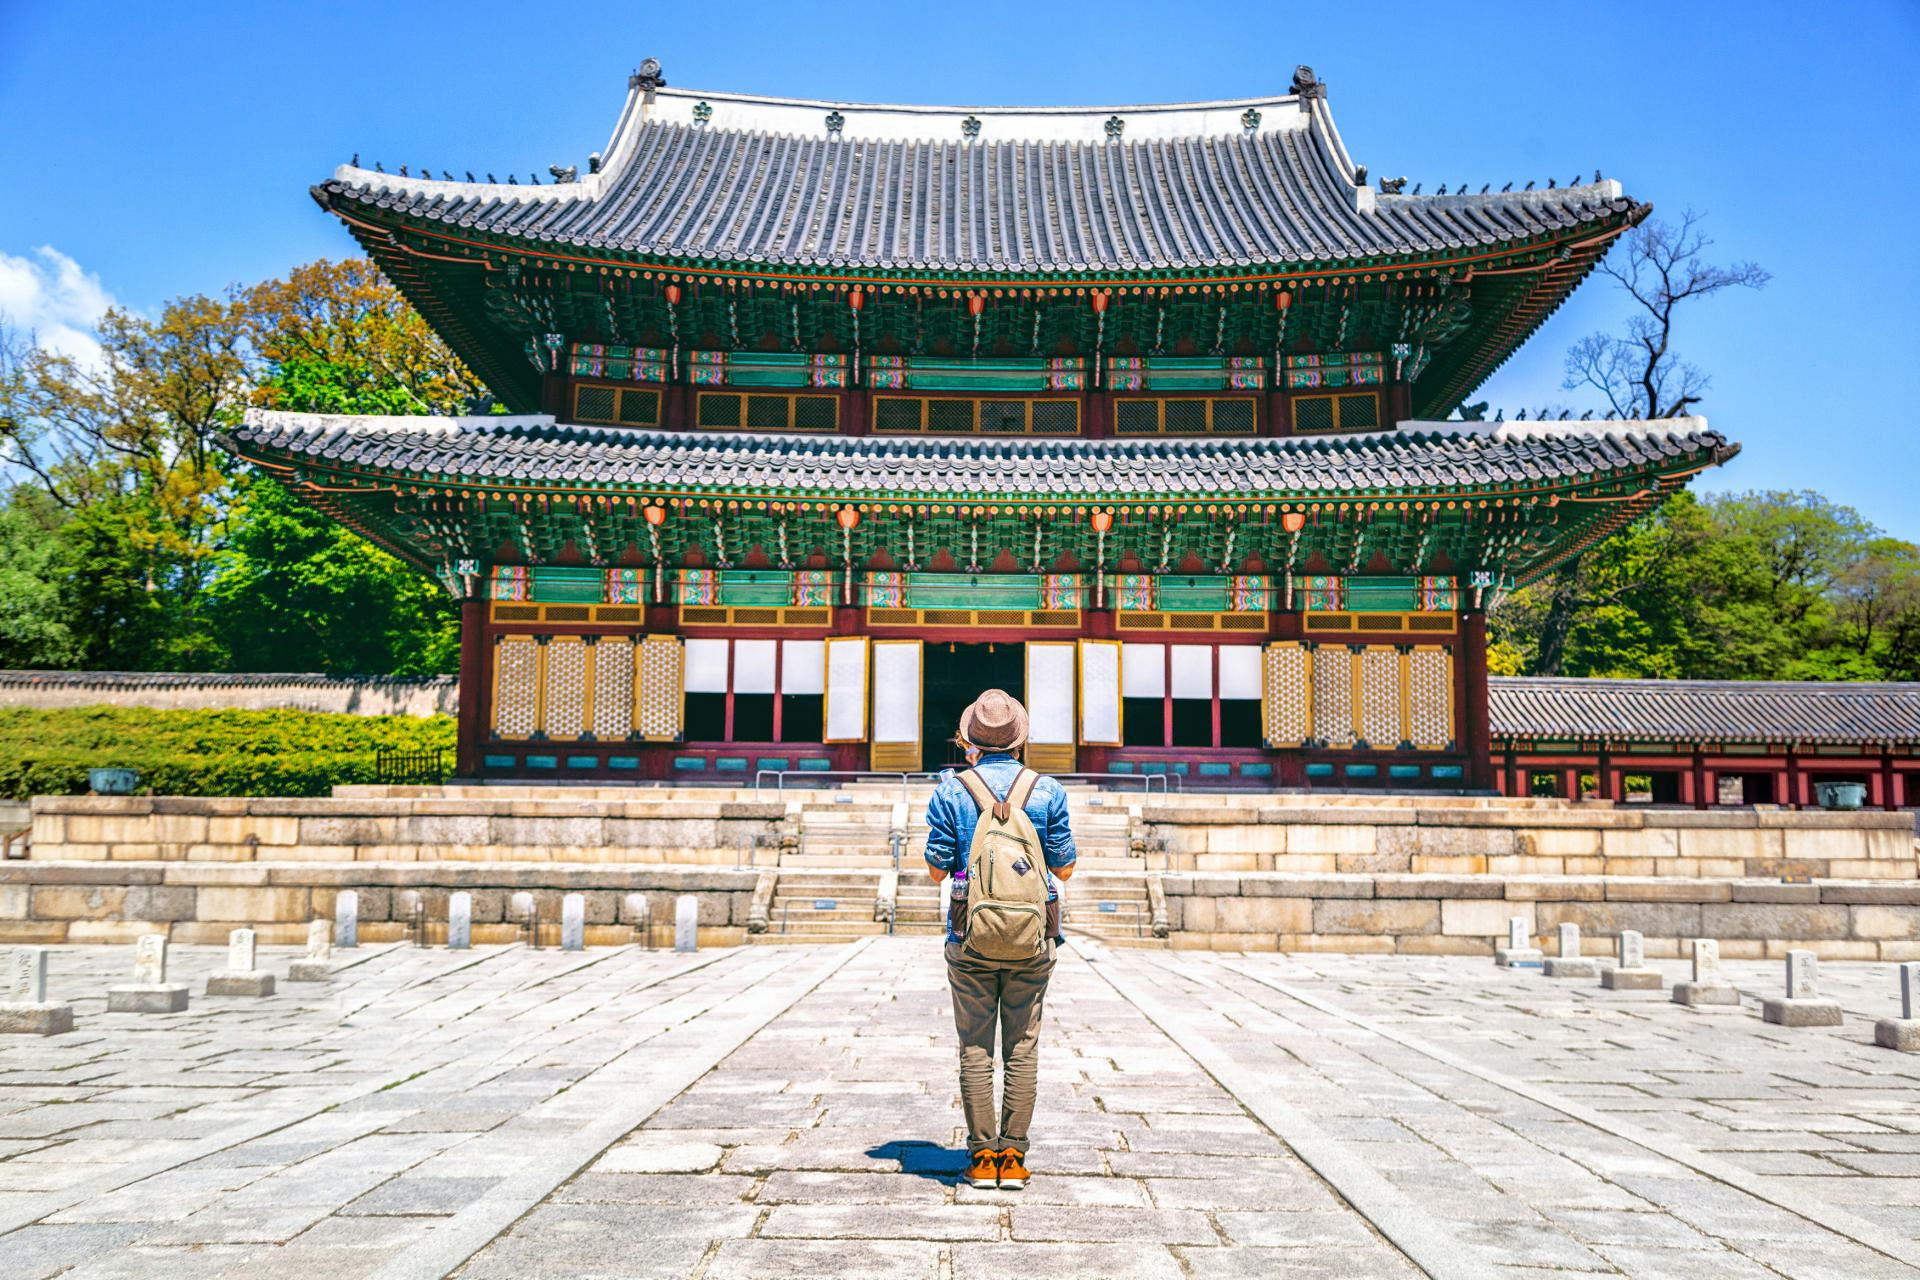 Top 10 trung tâm dạy học tiếng Hàn ở TPHCM được nhiều người tin tưởng   List.vn